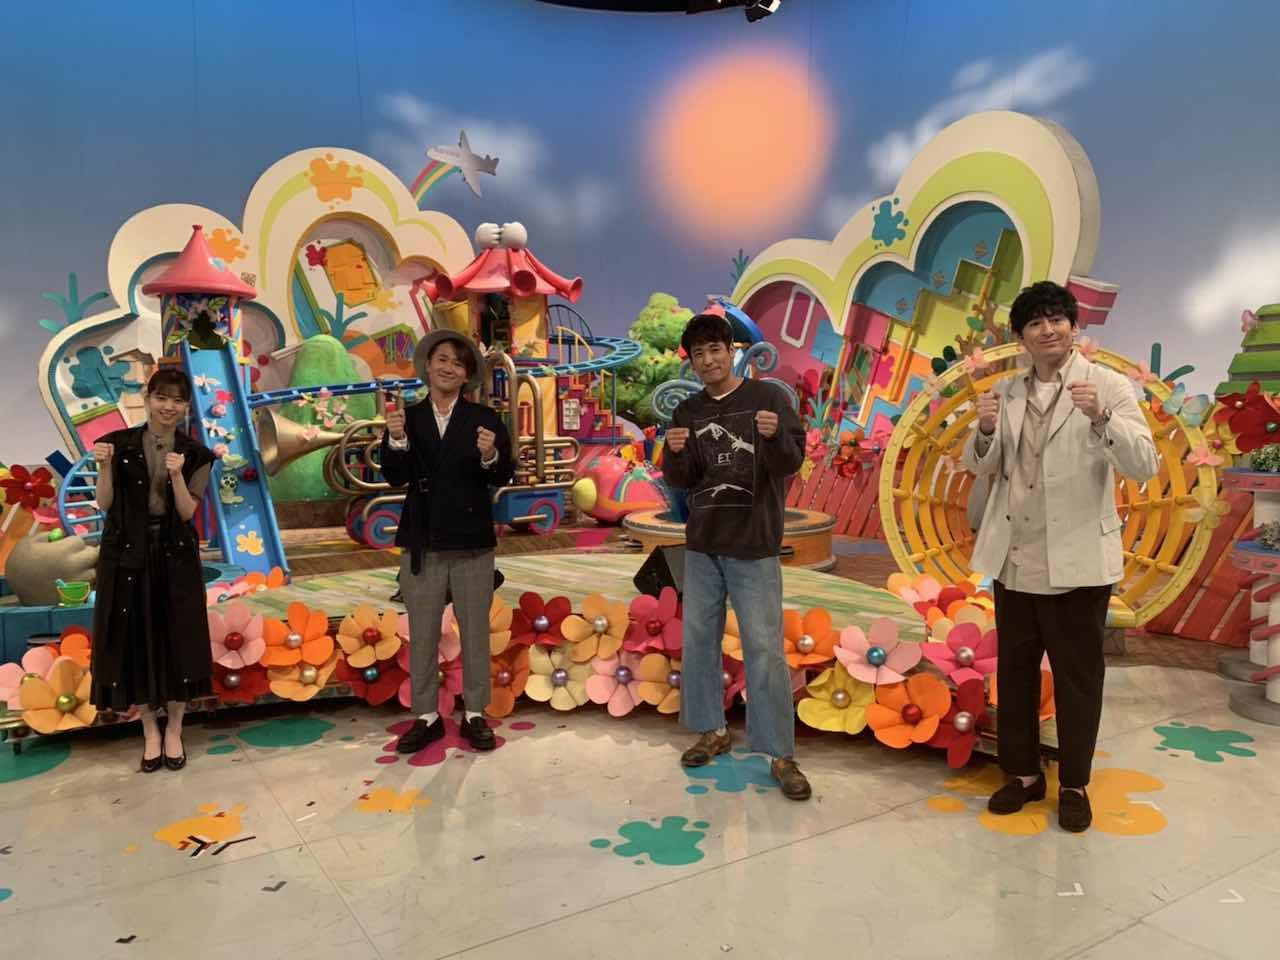 ナオト・インティライミ、明日放送の「ライオンのグータッチ」に出演「Invitation」をテレビ初歌唱!